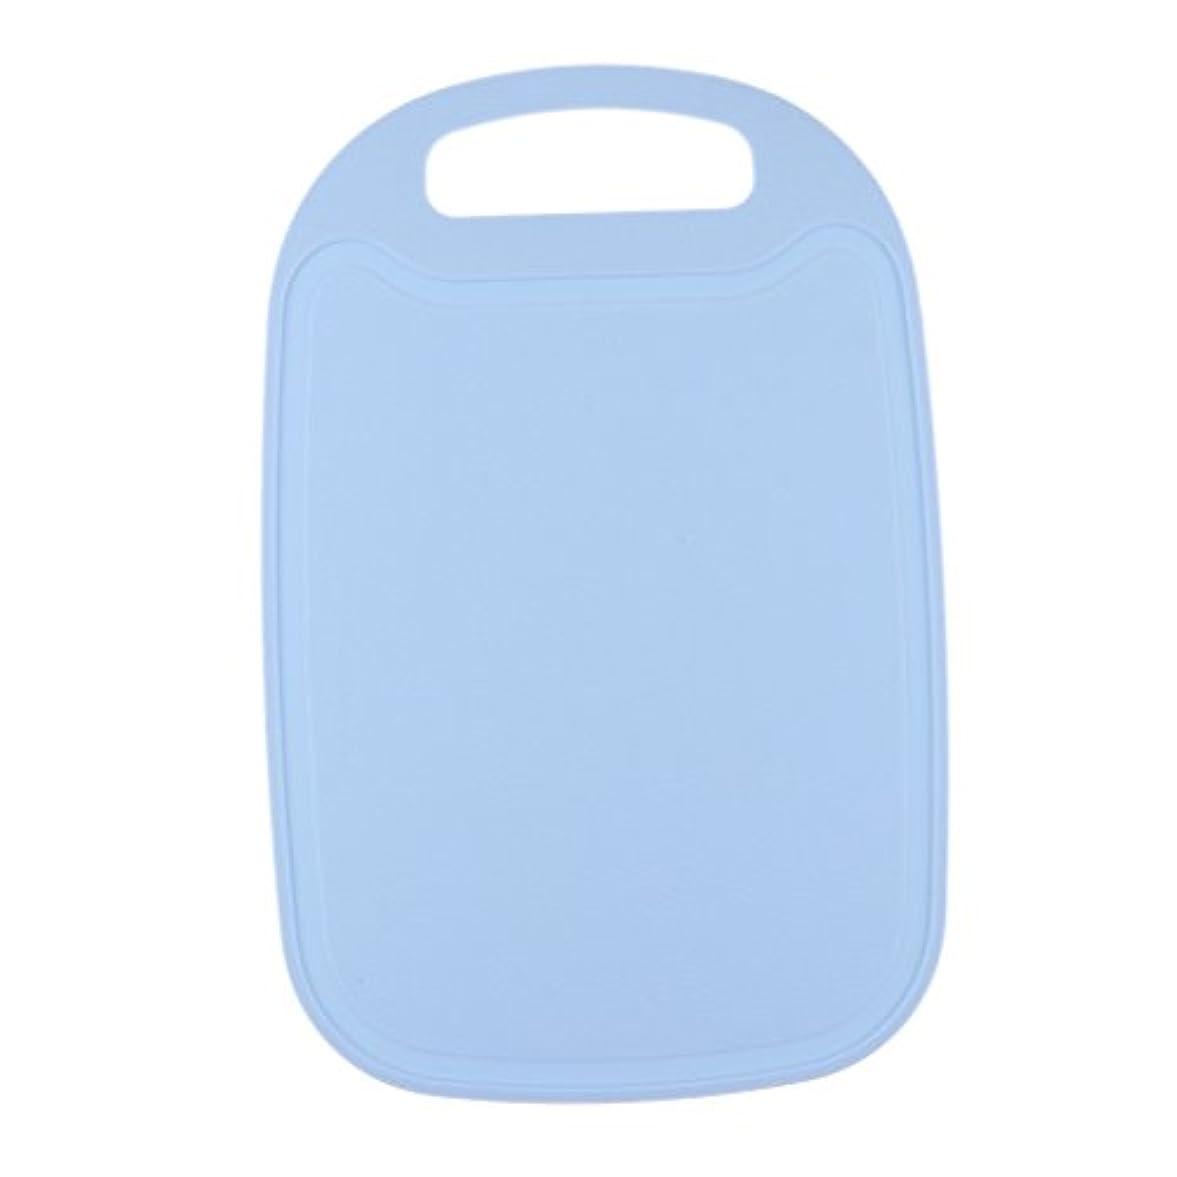 年金受給者あいまいな不利SunniMix プラスチック カッティングボード ポータブル キッチン カッティングマット アウトドア バーベキュー キッチン用品 全4色